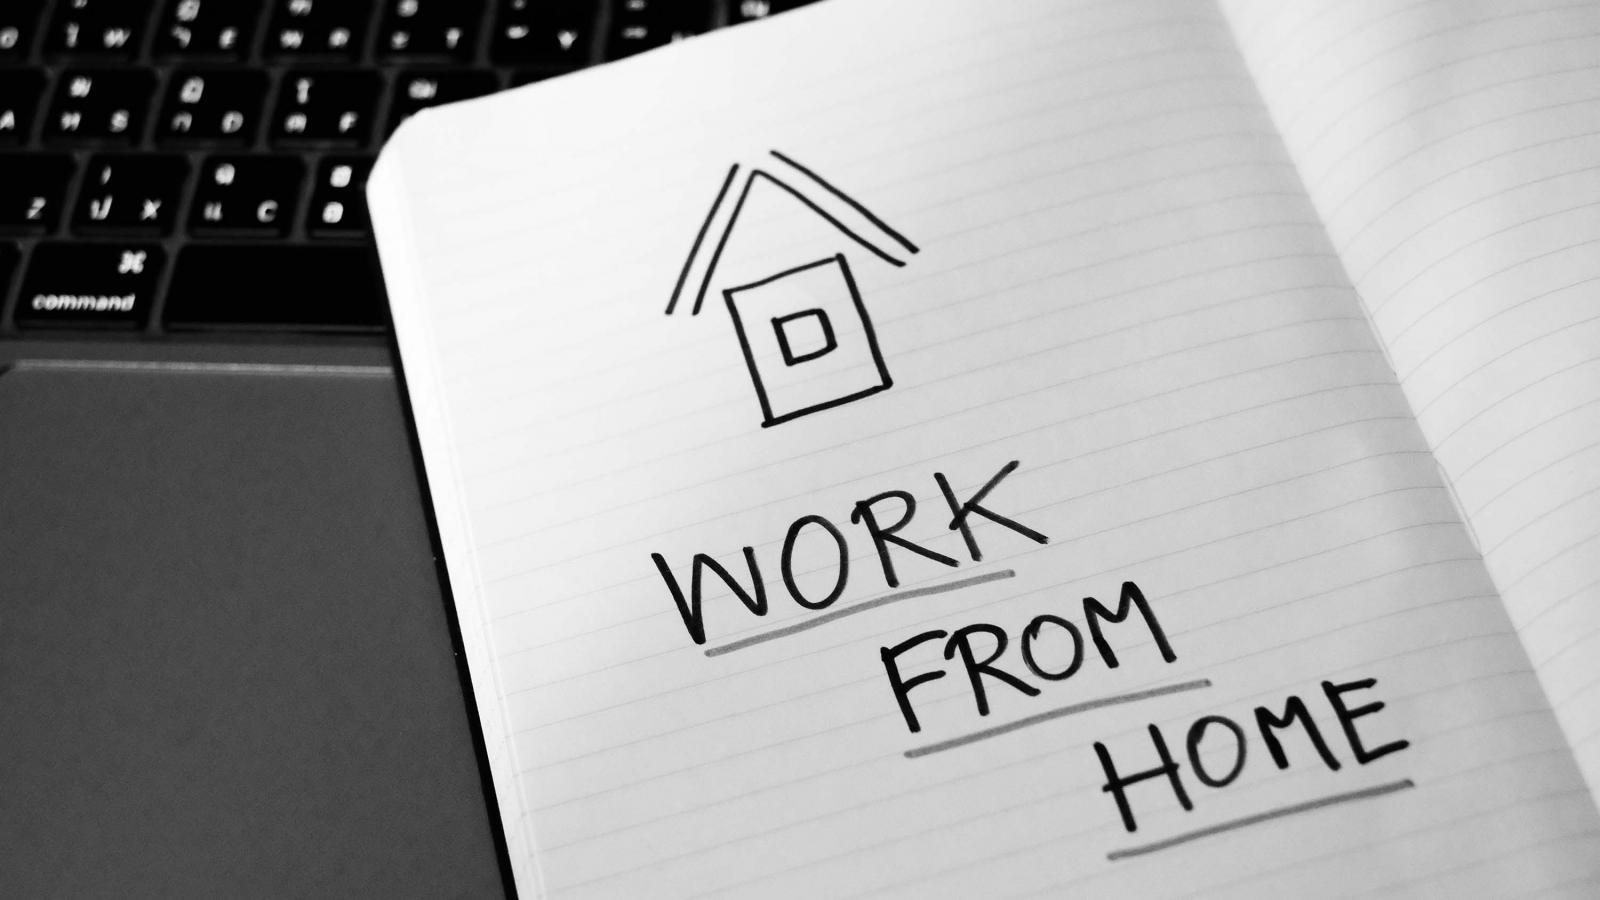 """Quyển vở đặt trên bàn phím máy tính bên trên ghi dòng chữ """"Work From Home"""" và hình ngôi nhà màu đen."""